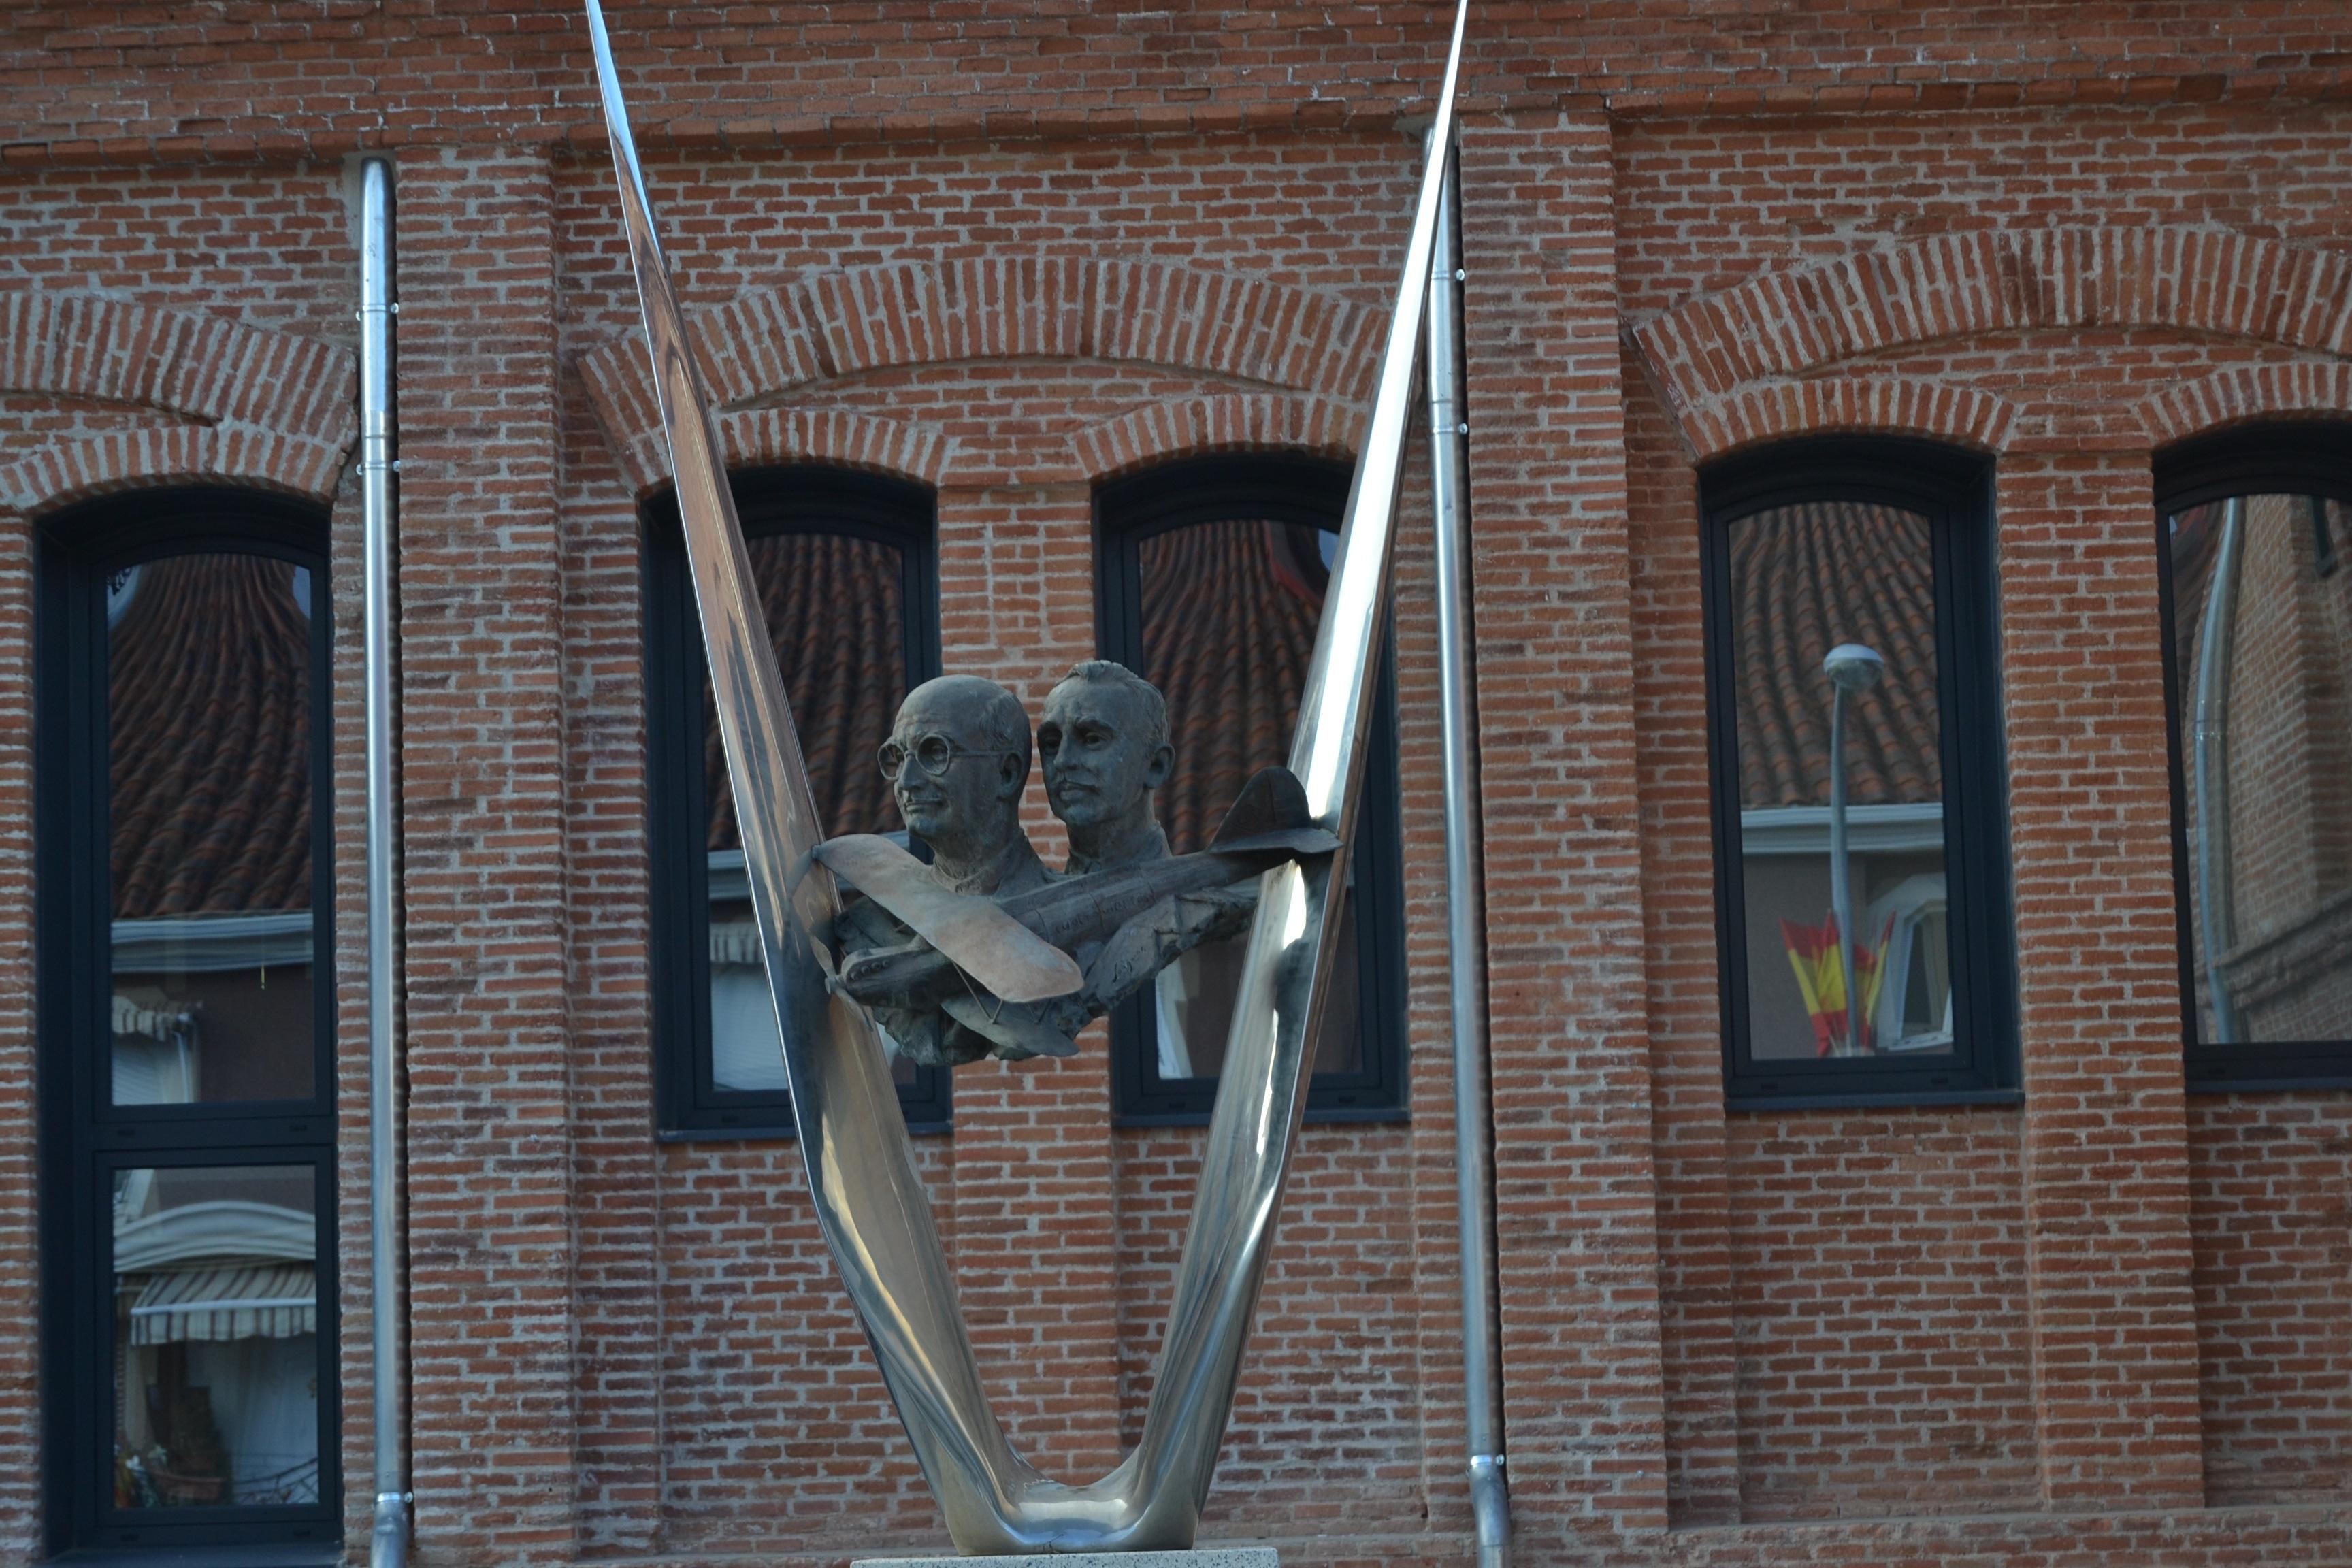 Monumento al Cuatro Vientos en la fachada posterior del recién restaurado edificio del Cuartel de Globos en el Polígono de Aeroestación de Guadalajara